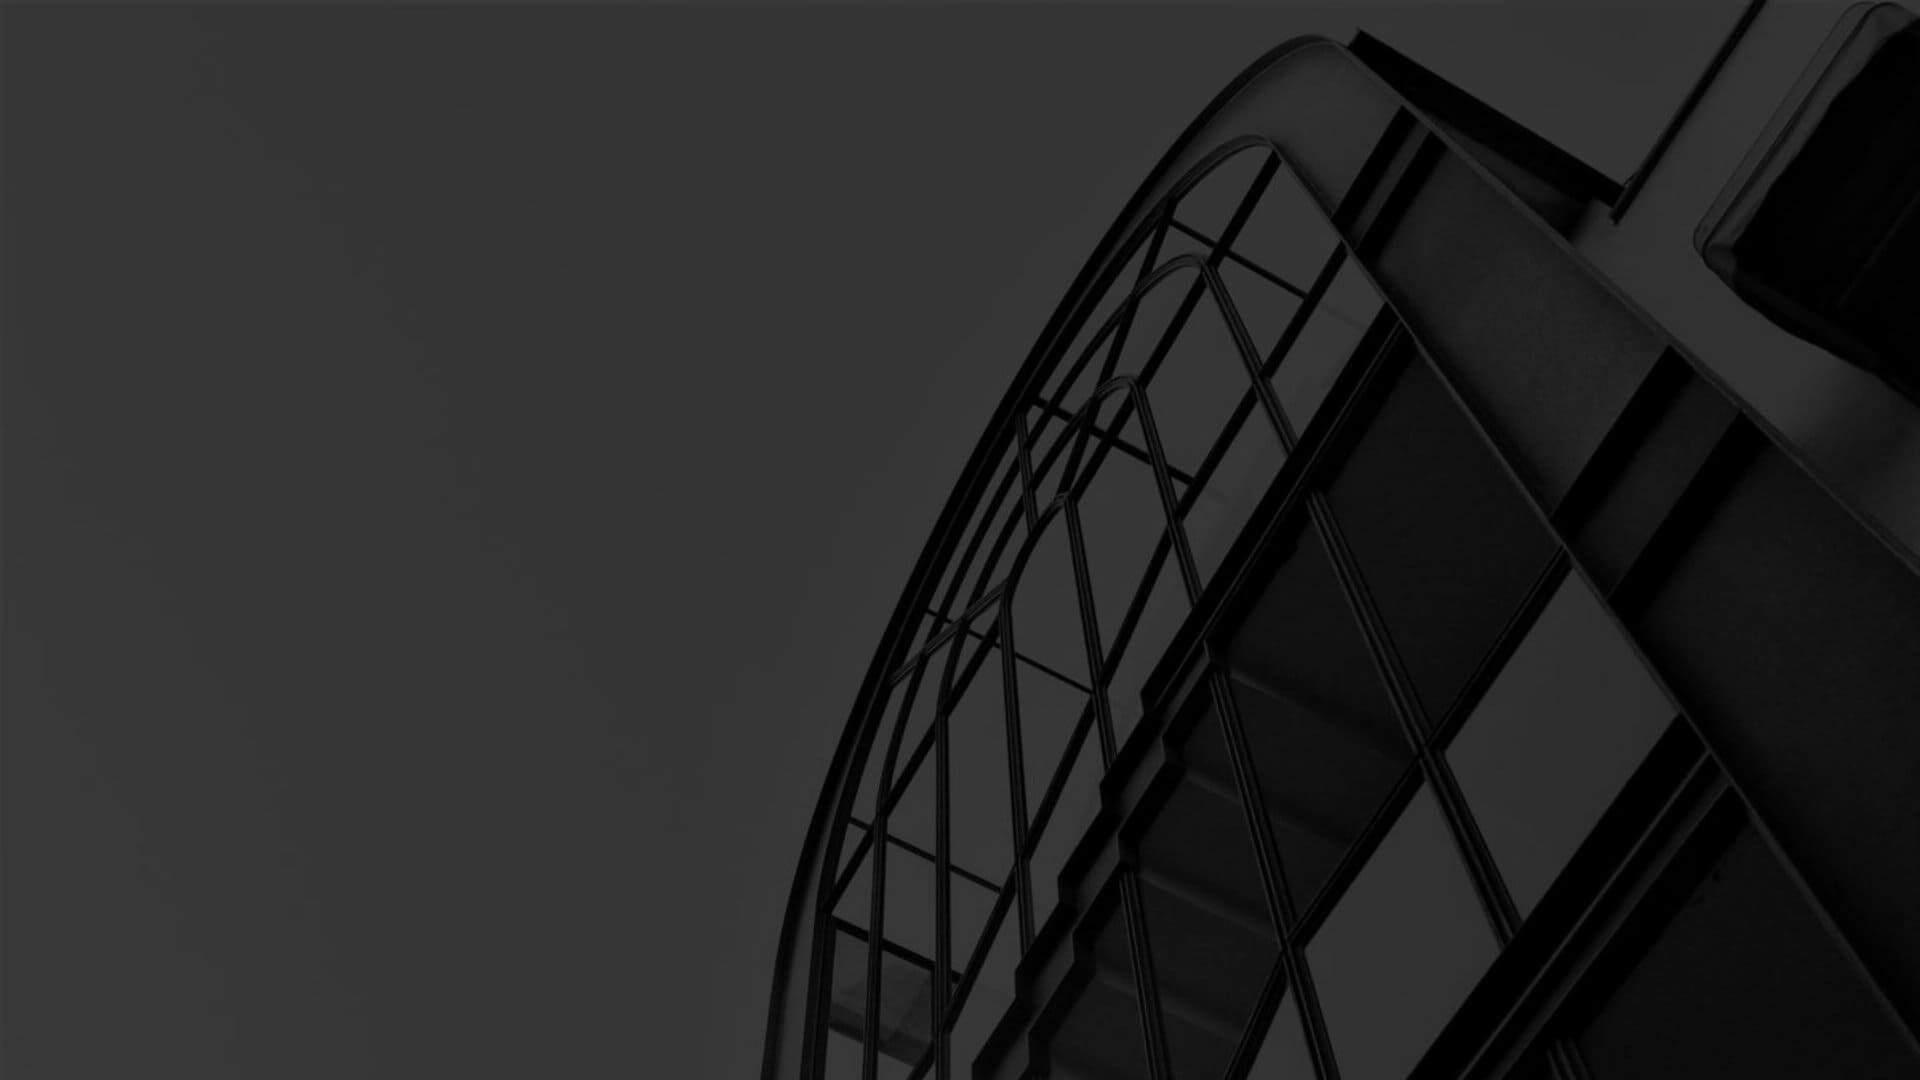 Studio di architettura a torino artom zanotti for Studio architettura interni torino